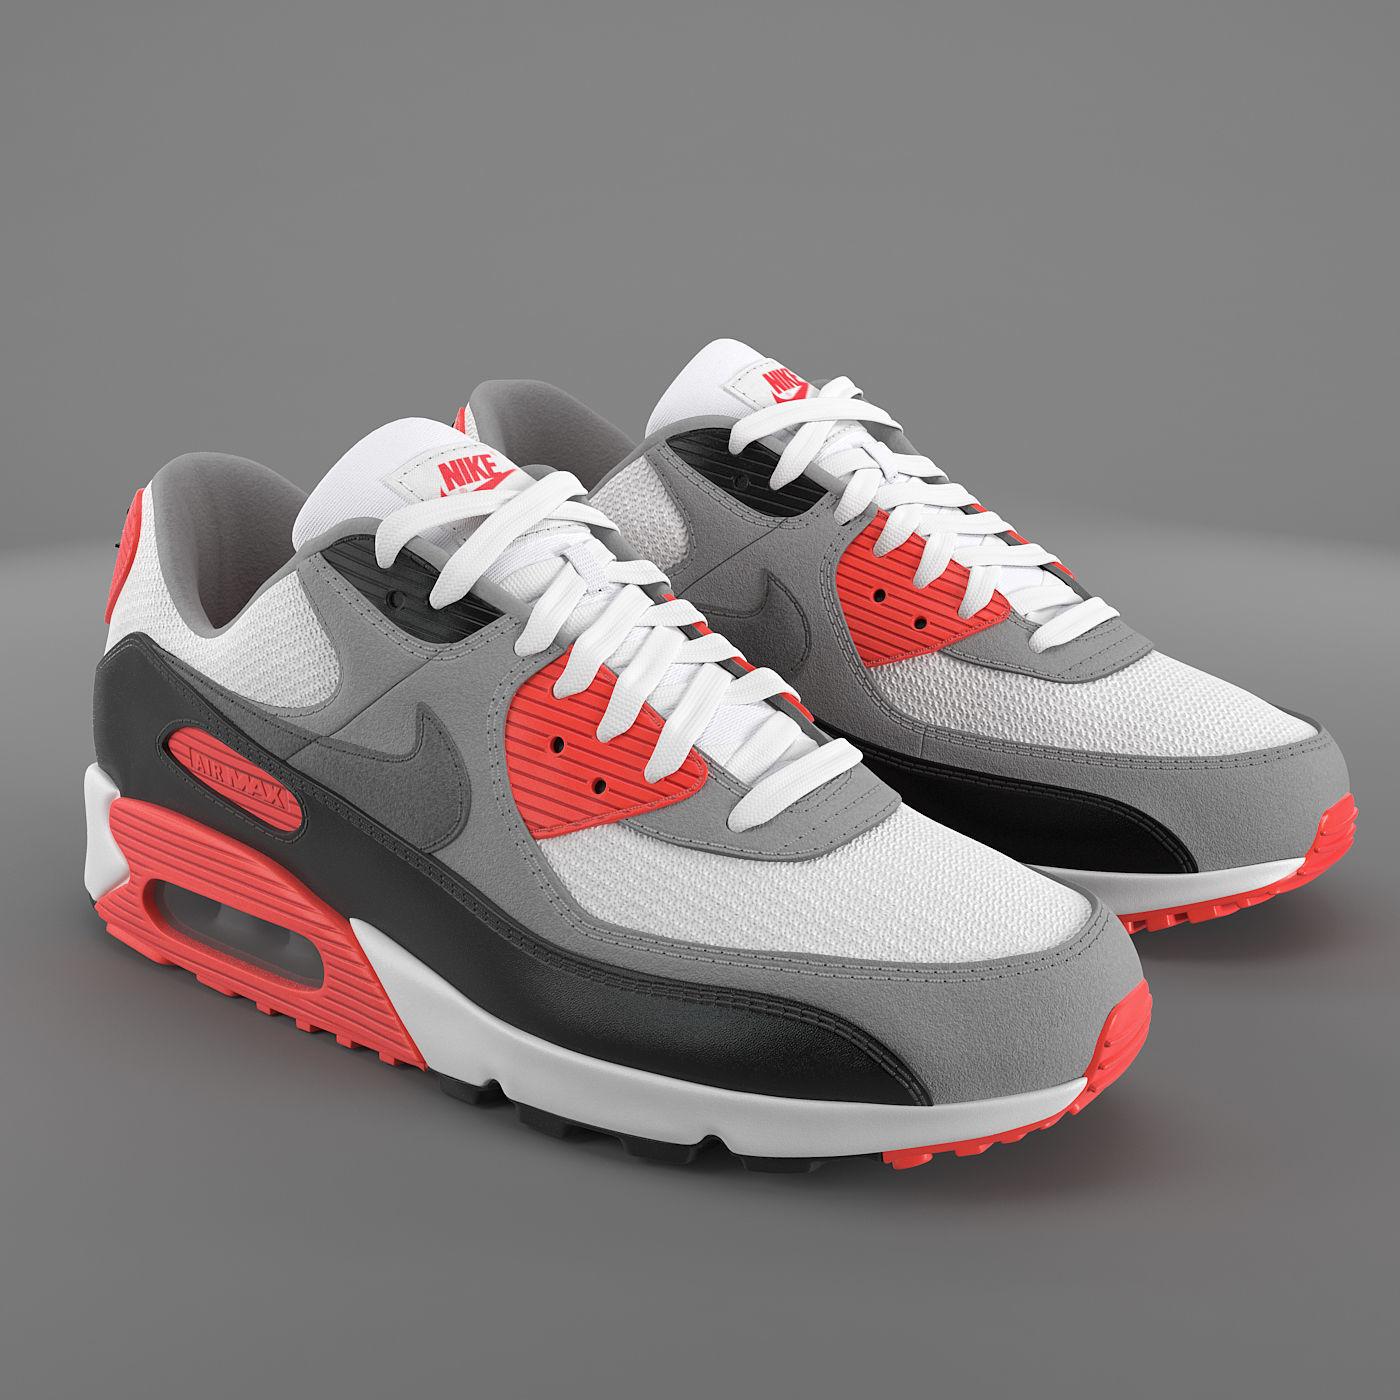 Air Max 90 Nike PBR